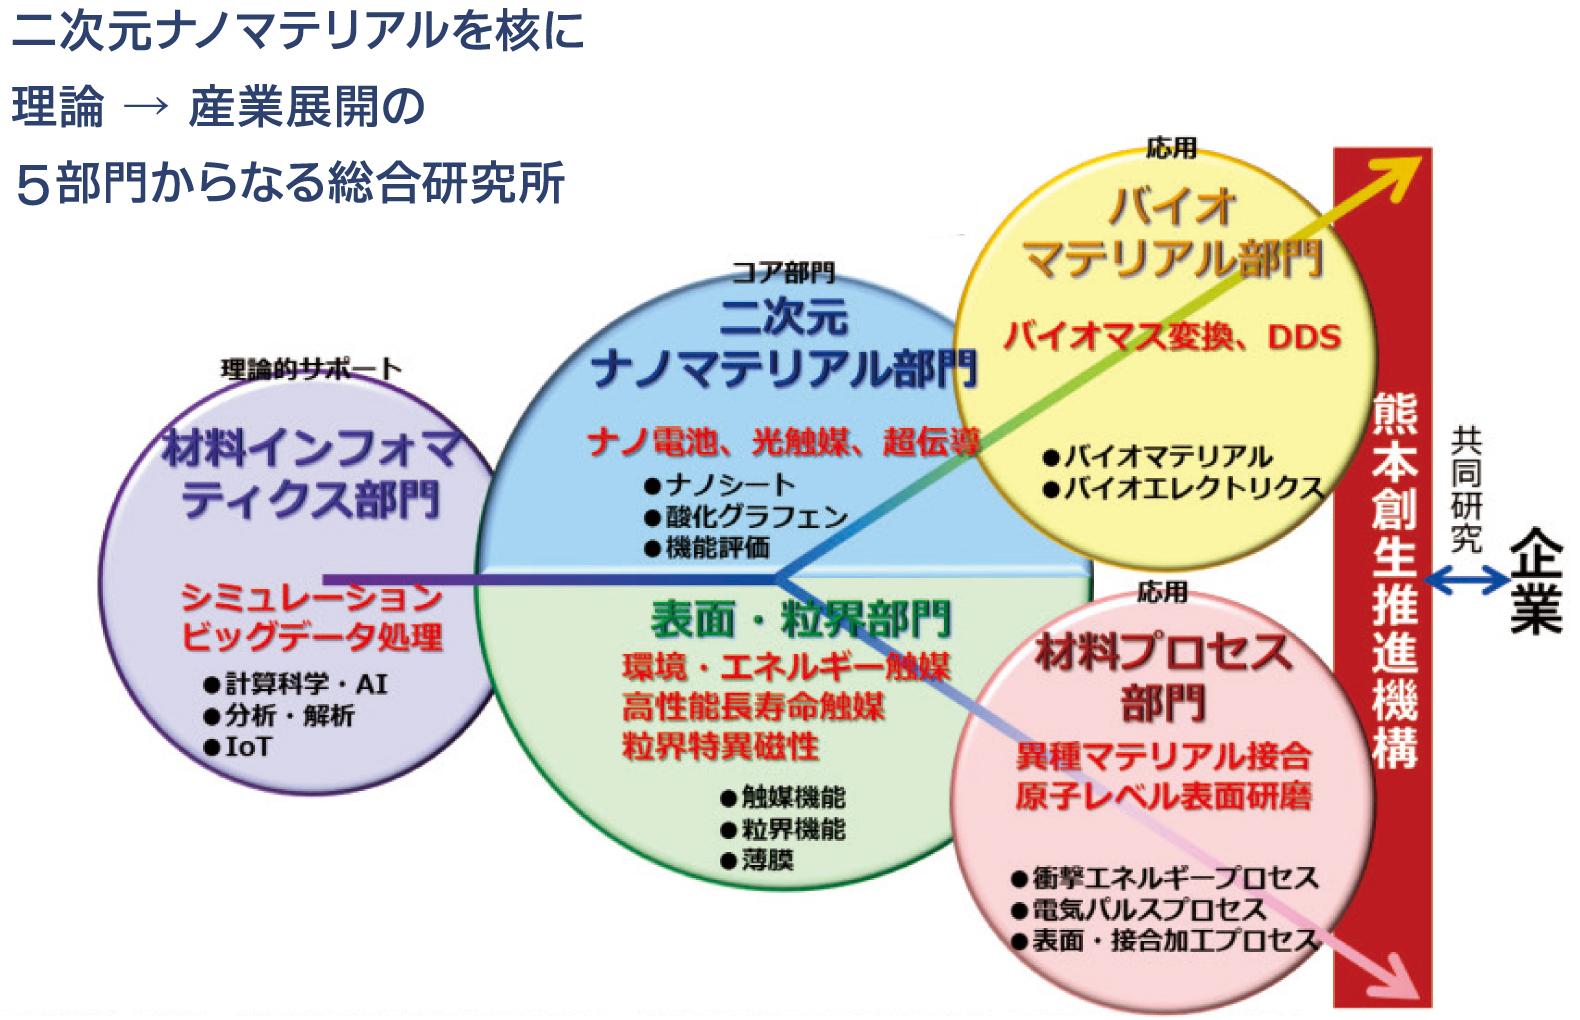 二次元ナノマテリアルを核に理論 → 産業展開の5部門からなる総合研究所